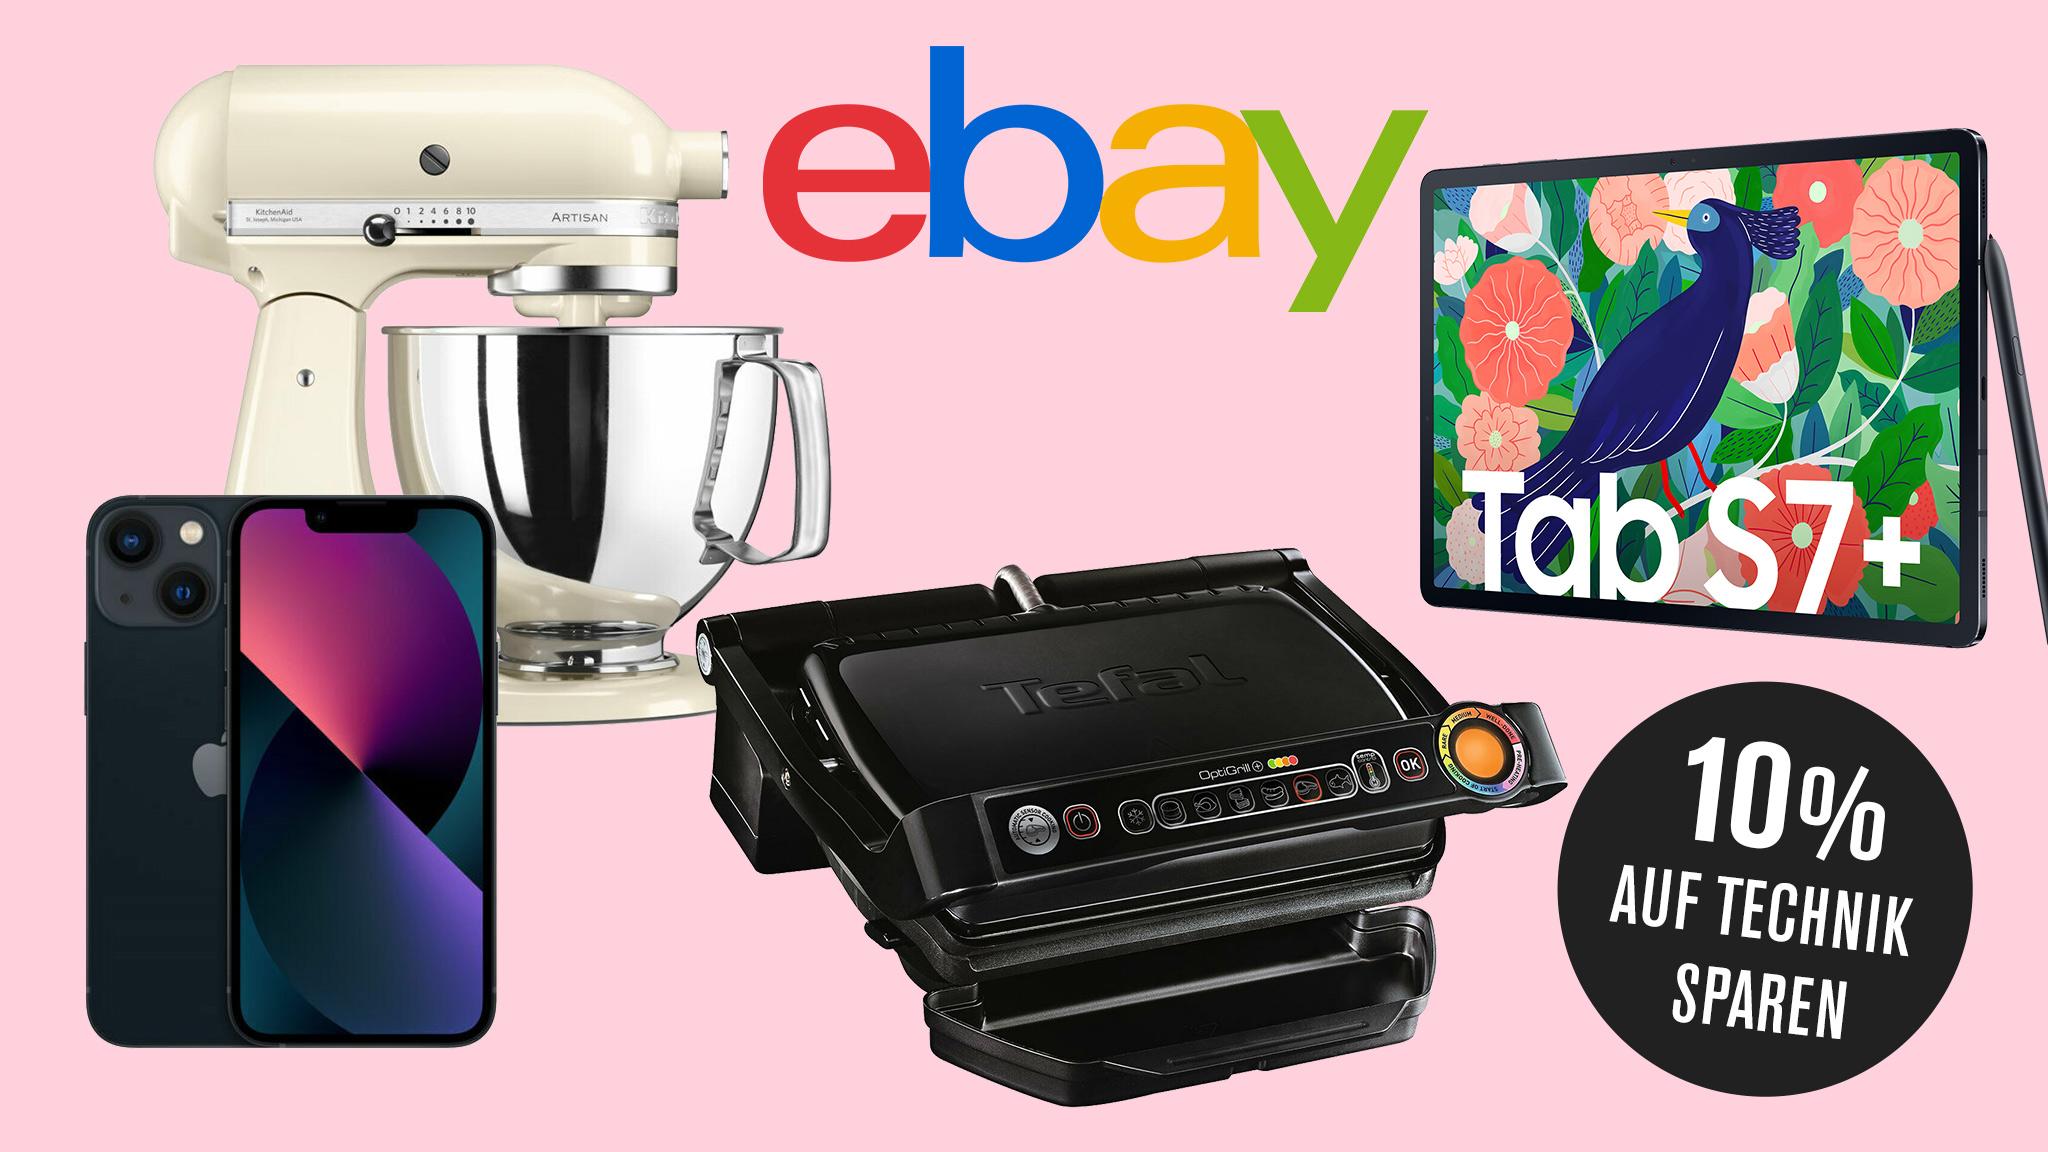 Apple, Samsung & Co bei Ebay im Angebot: Gutscheincode sorgt für satten Preisvorteil!